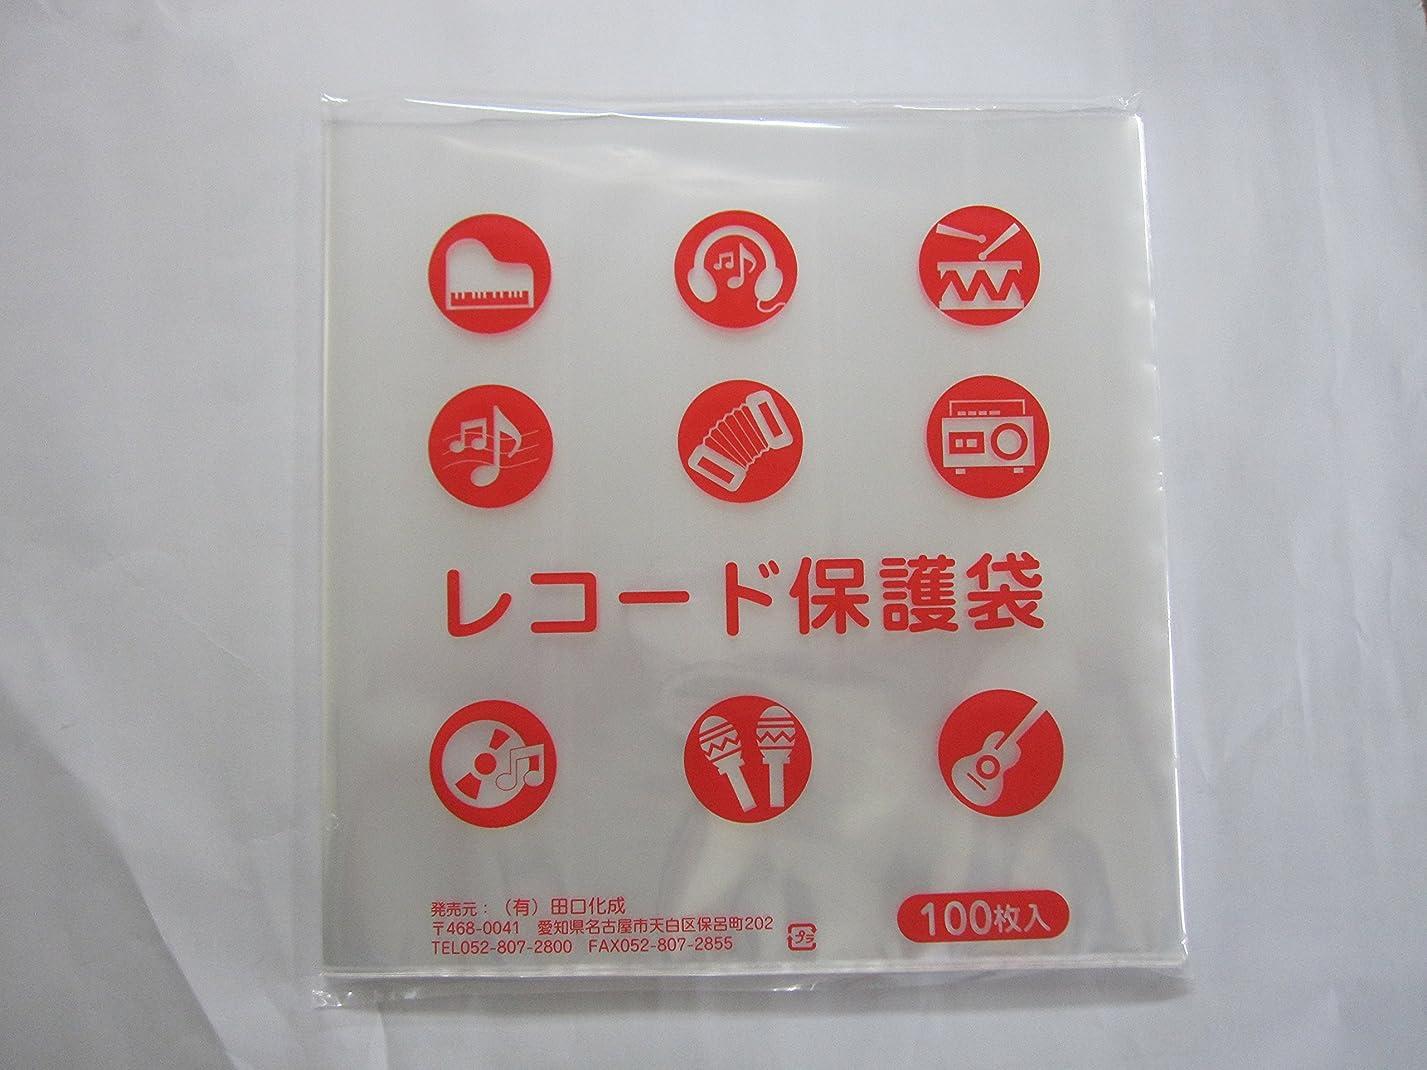 ニッケルフォーラムアサートLP(06) 保護袋 50枚 国内製造 厚み0.06mm …